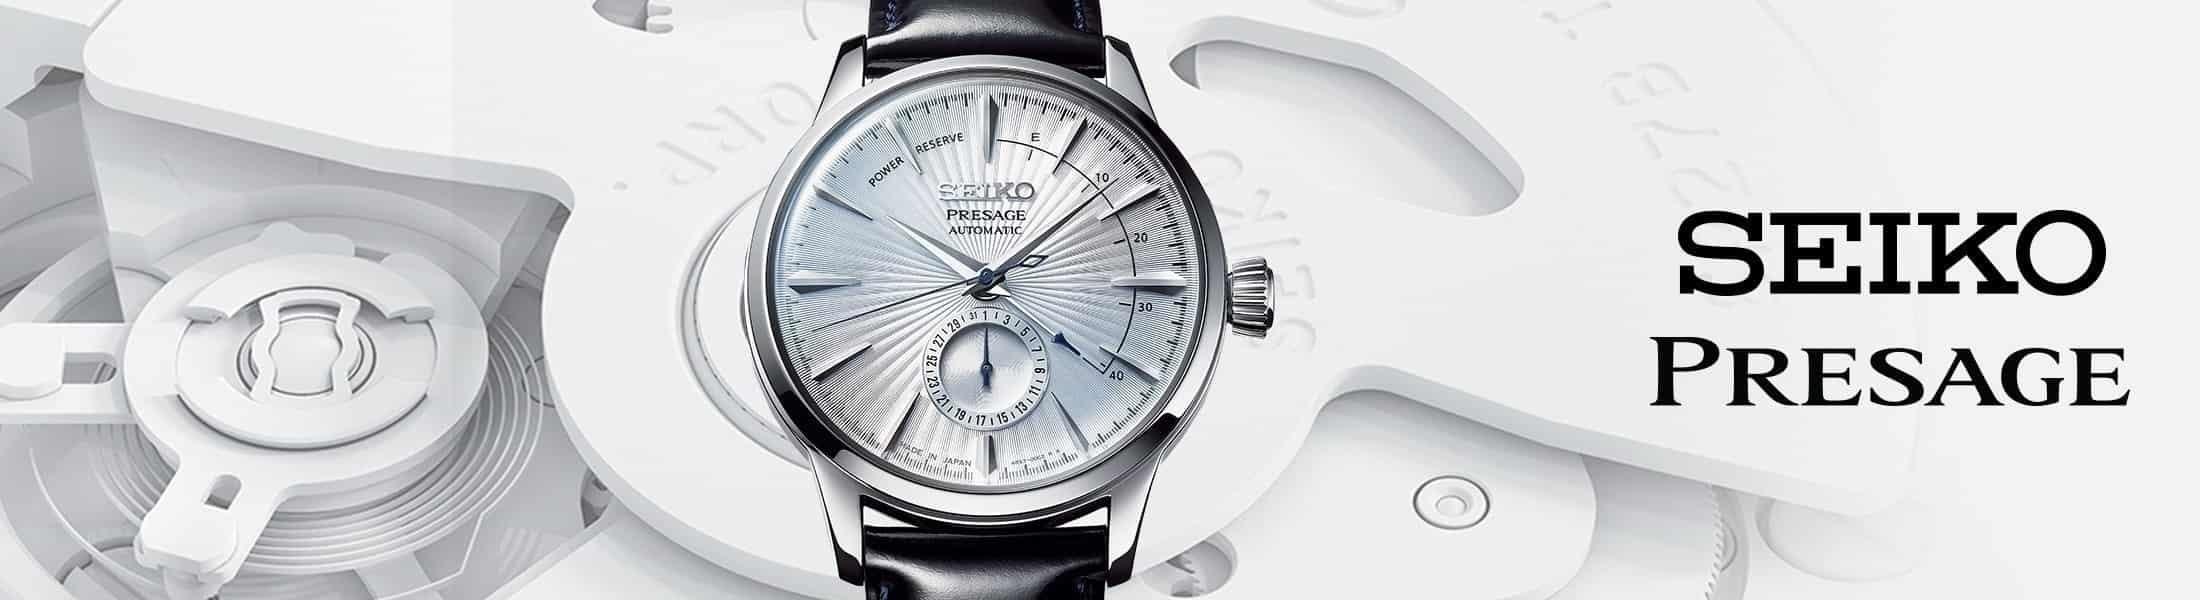 Seiko Horloges - Juwelier Wagenaar